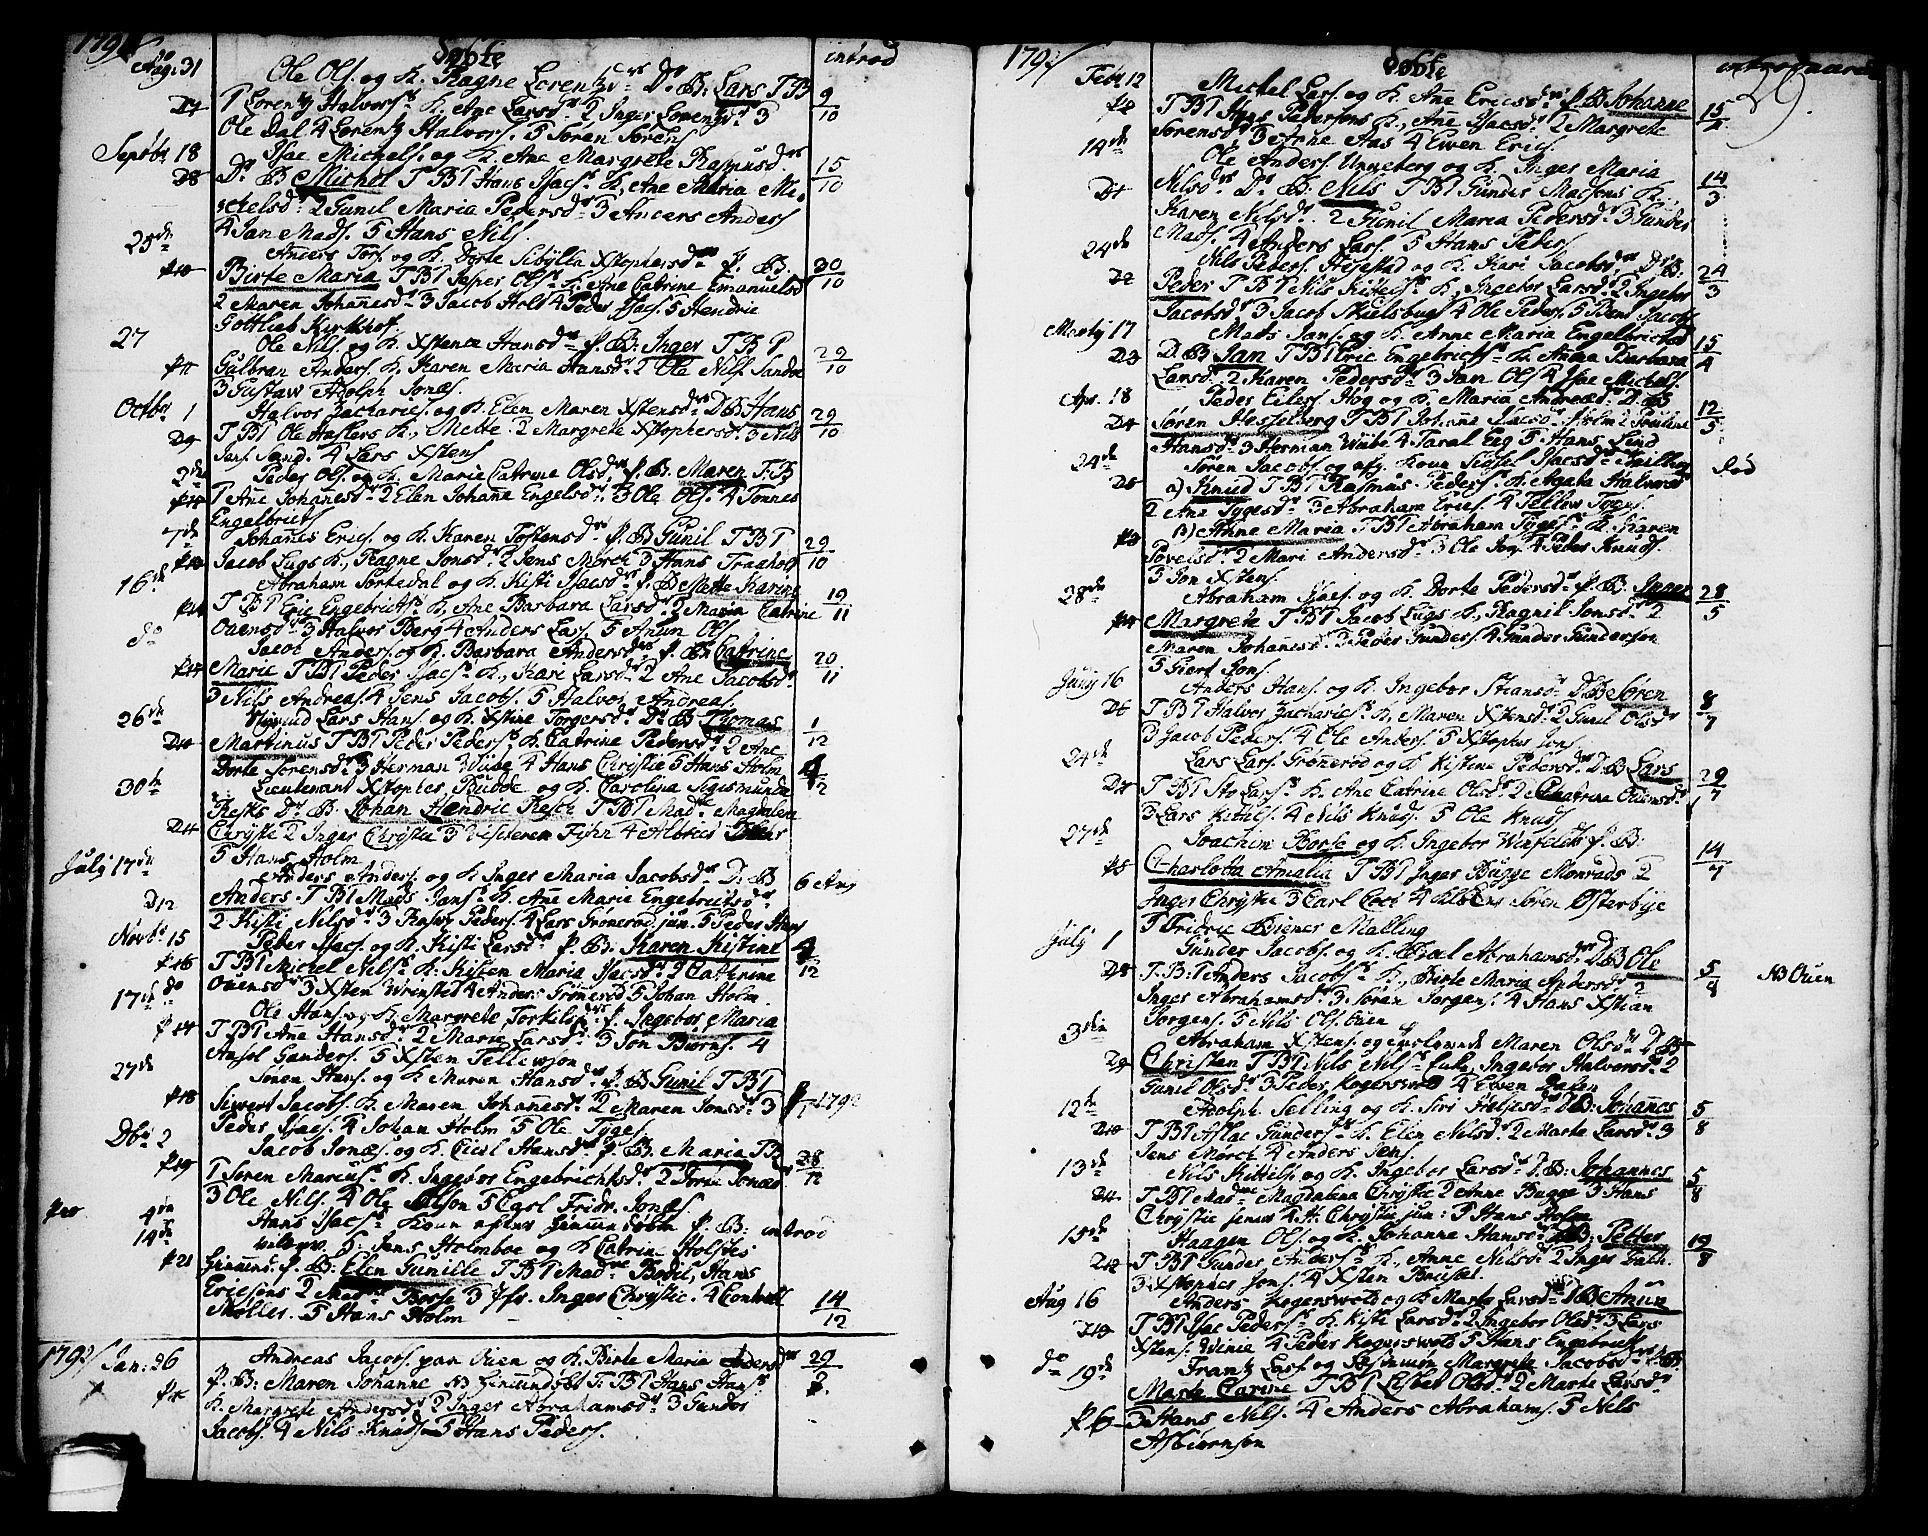 SAKO, Brevik kirkebøker, F/Fa/L0003: Ministerialbok nr. 3, 1764-1814, s. 29